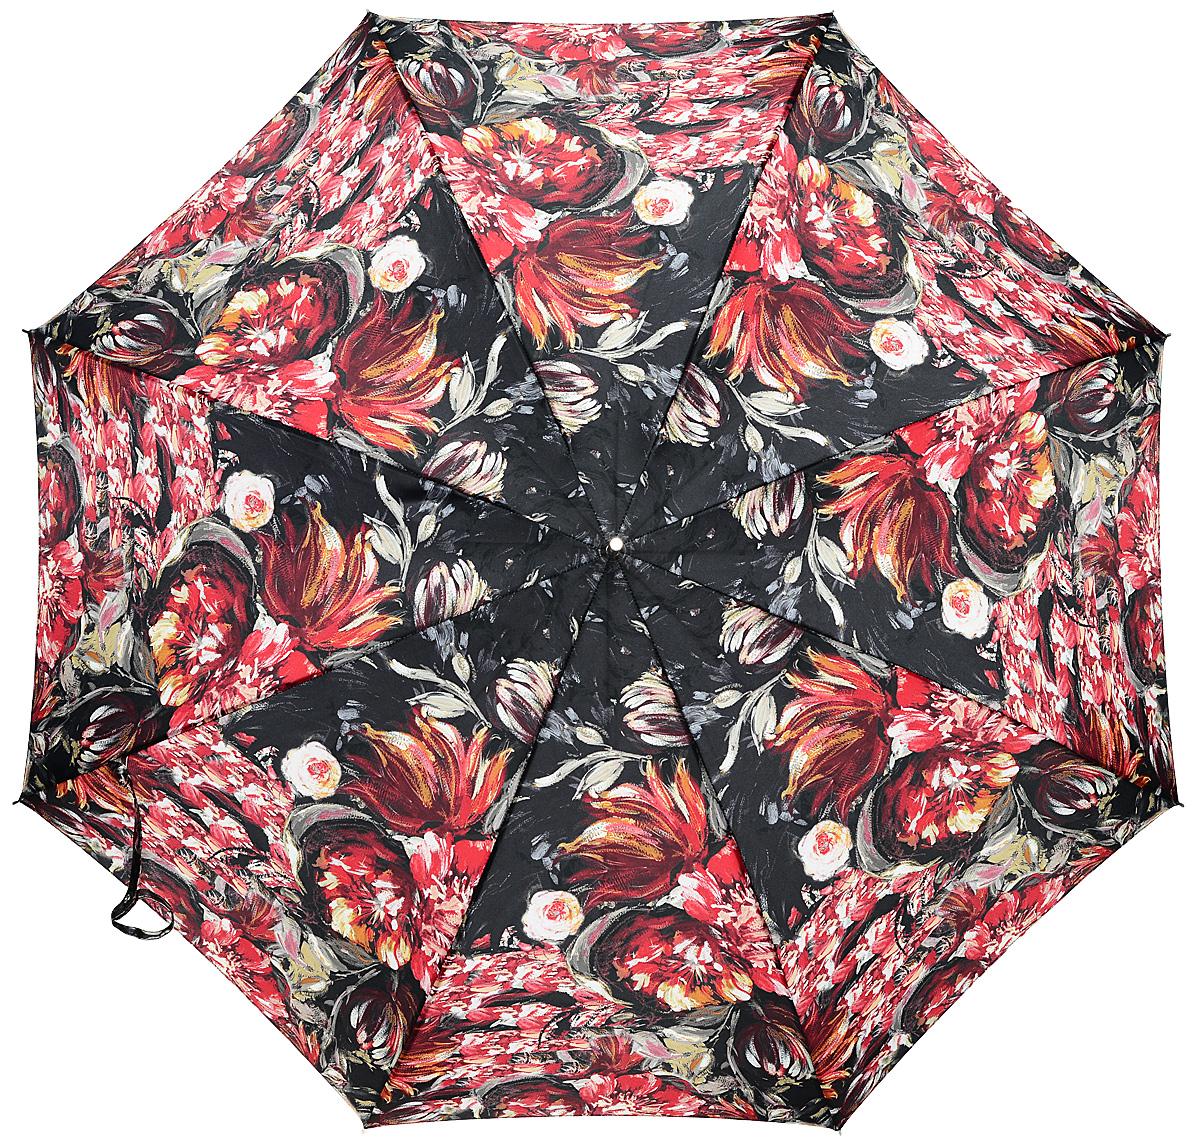 Зонт-трость женский Stilla, цвет: черный, красный, белый. 694/1 auto45100088/18072/1000NЗонт-трость Stilla надежно защитит вас от дождя. Купол, оформленный оригинальным принтом, выполнен из высококачественного ПВХ, который не пропускает воду.Каркас зонта и спицы выполнены из высококарбонистой стали. Зонт имеет автоматический тип сложения: открывается и закрывается при нажатии на кнопку. Удобная ручка выполнена из пластика.